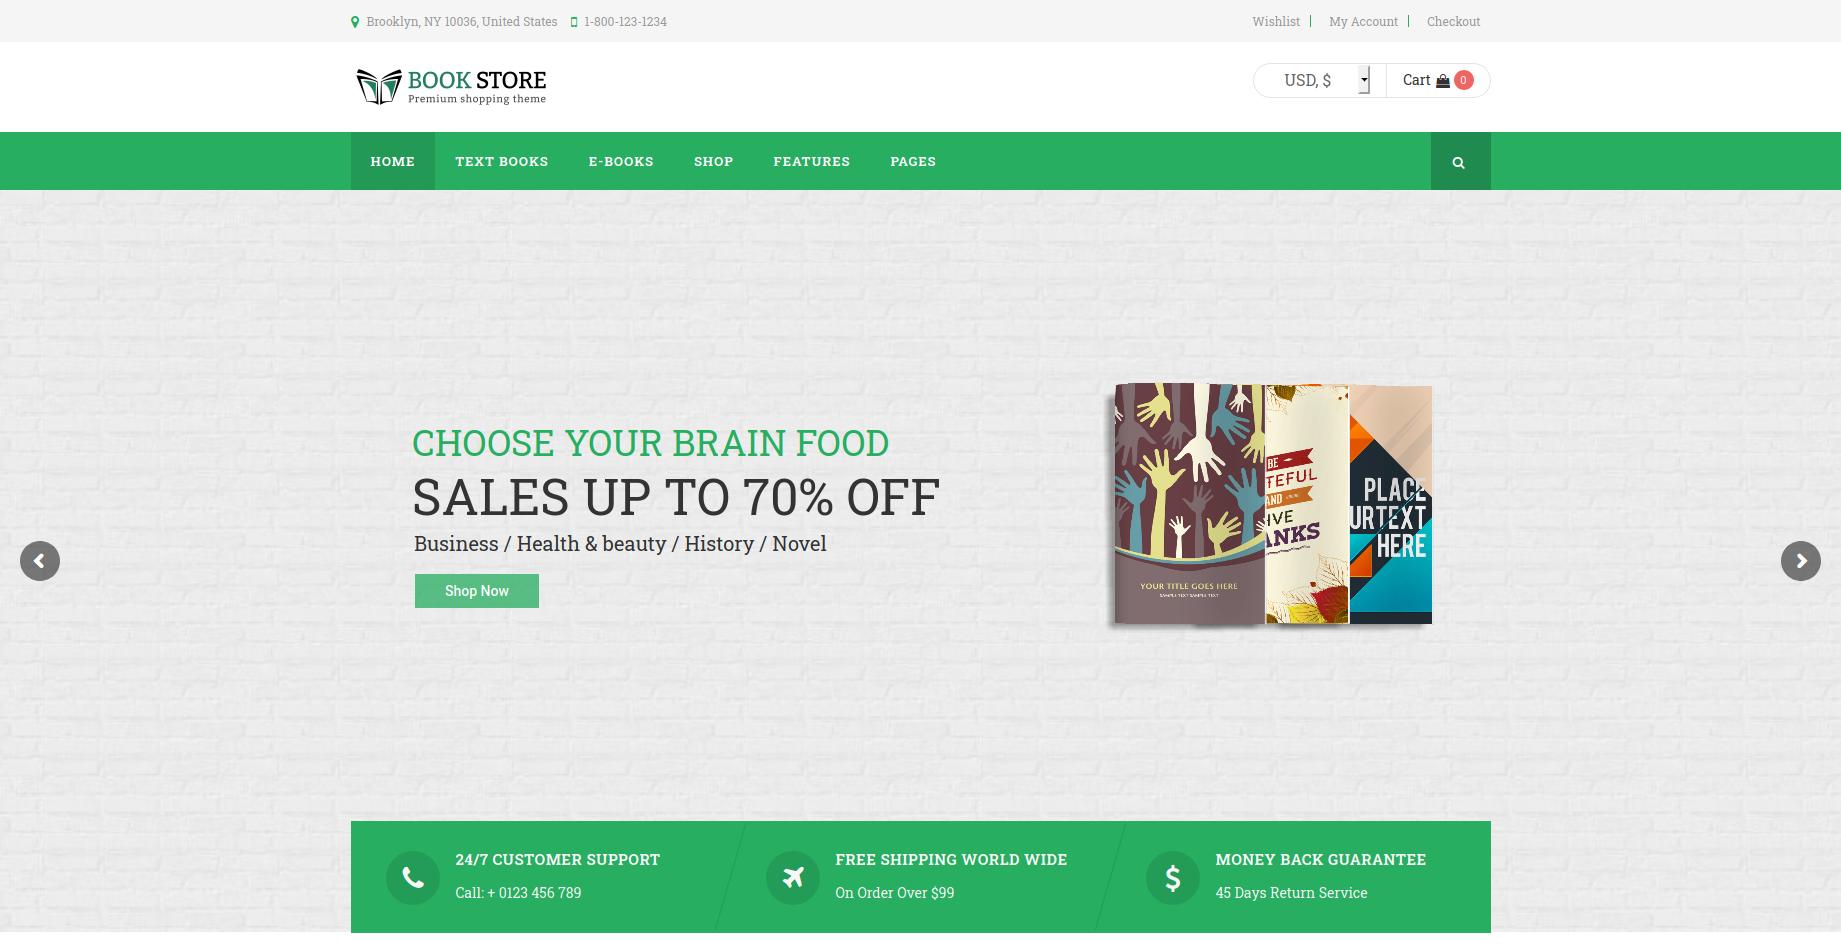 Book Store - Books & Media WooCommerce Theme